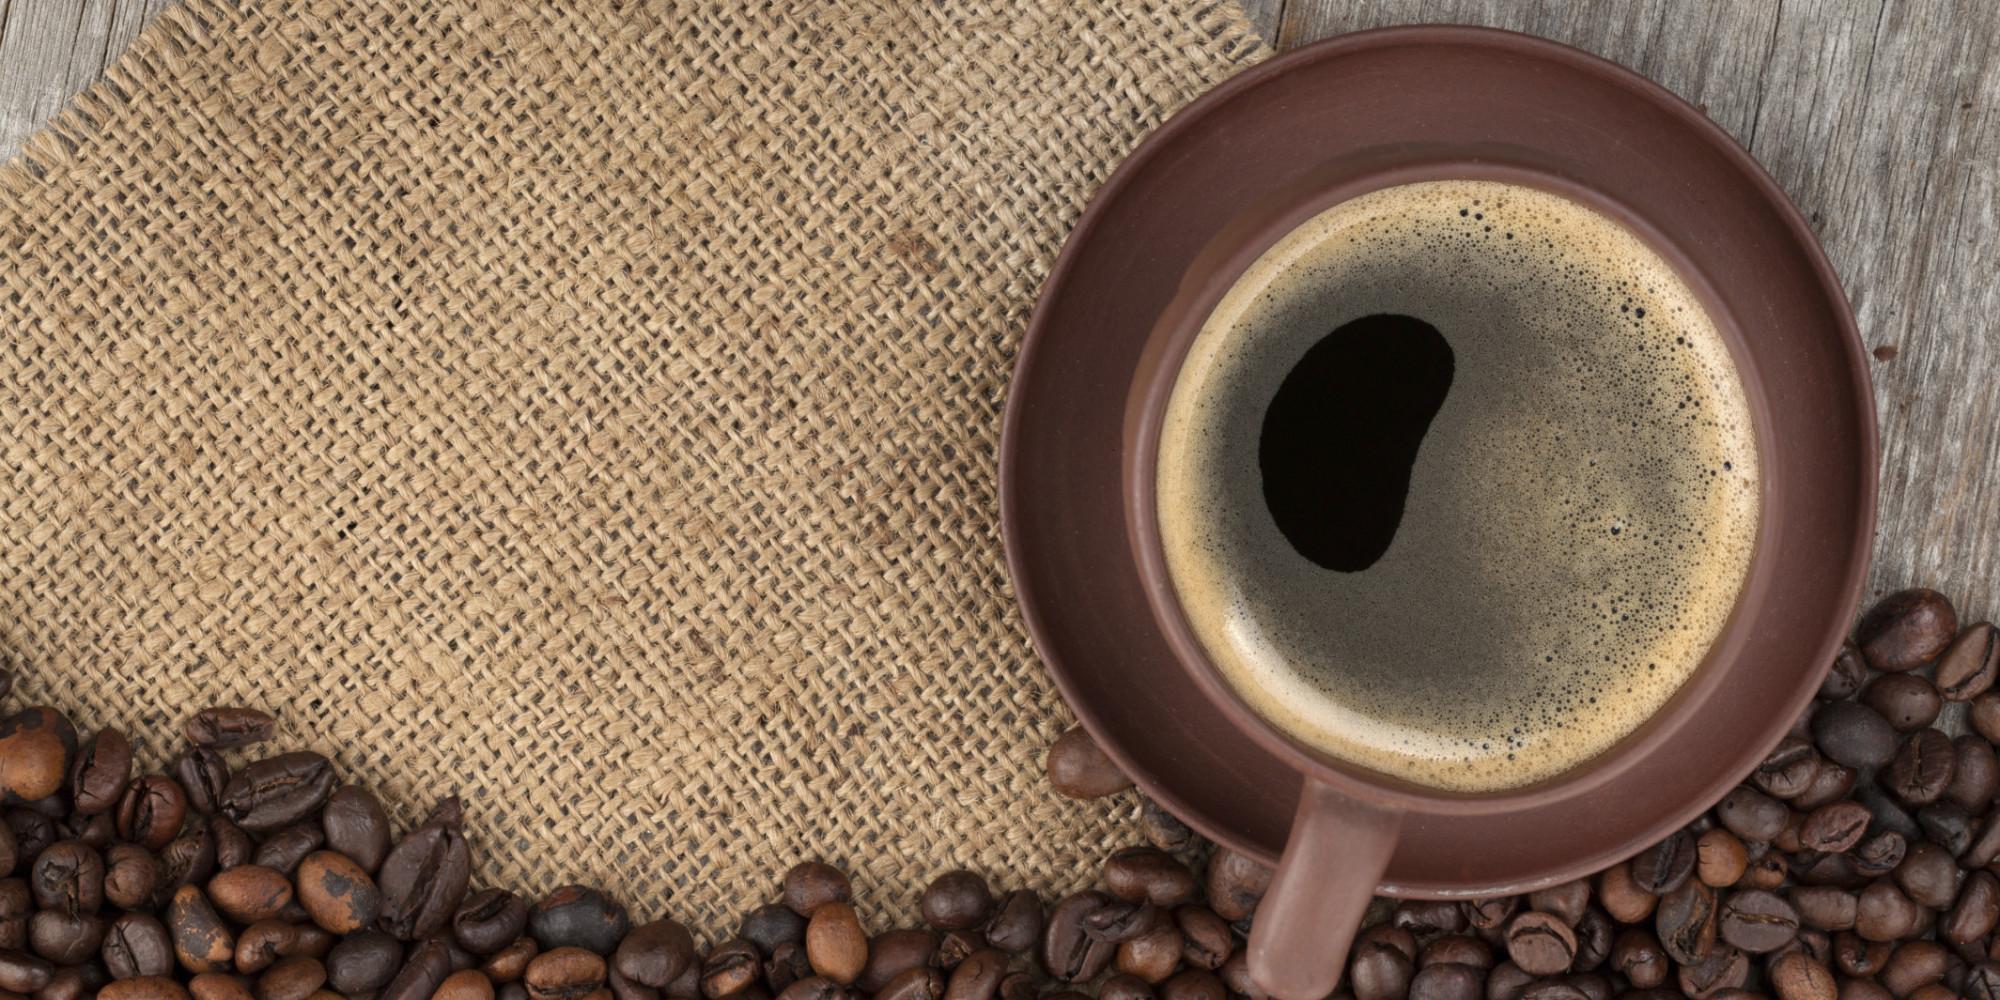 Does caffeine make you go to the bathroom - Does Caffeine Make You Go To The Bathroom